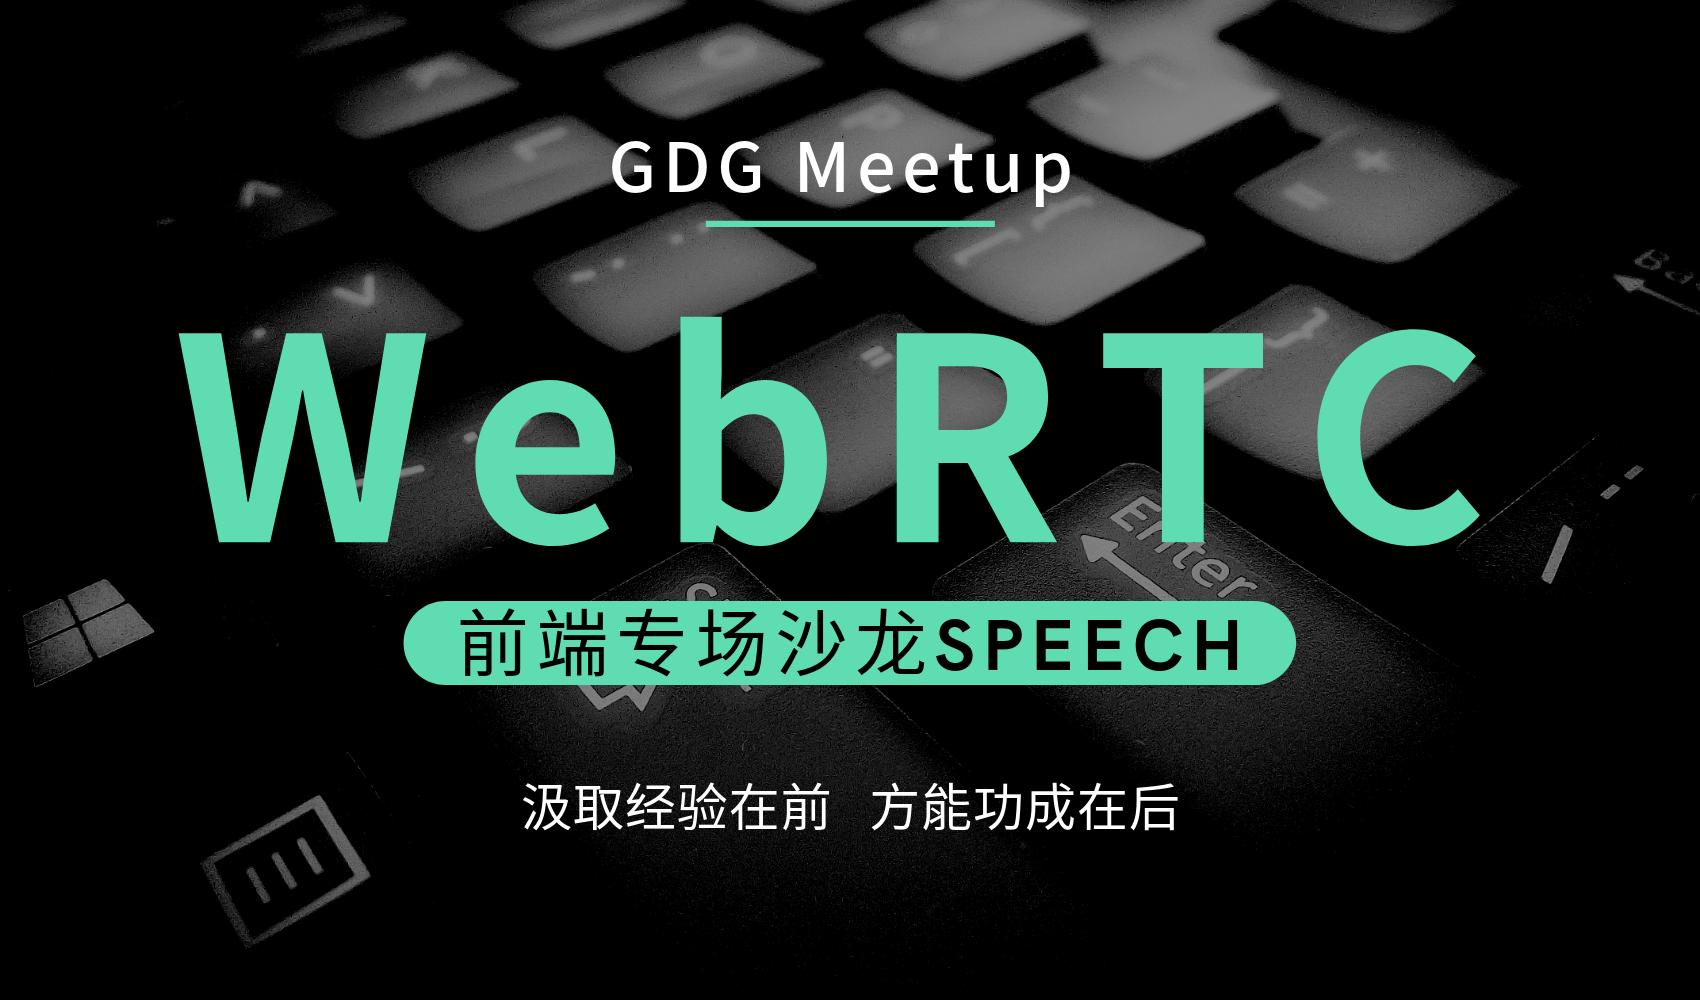 WebRTC专题分享沙龙